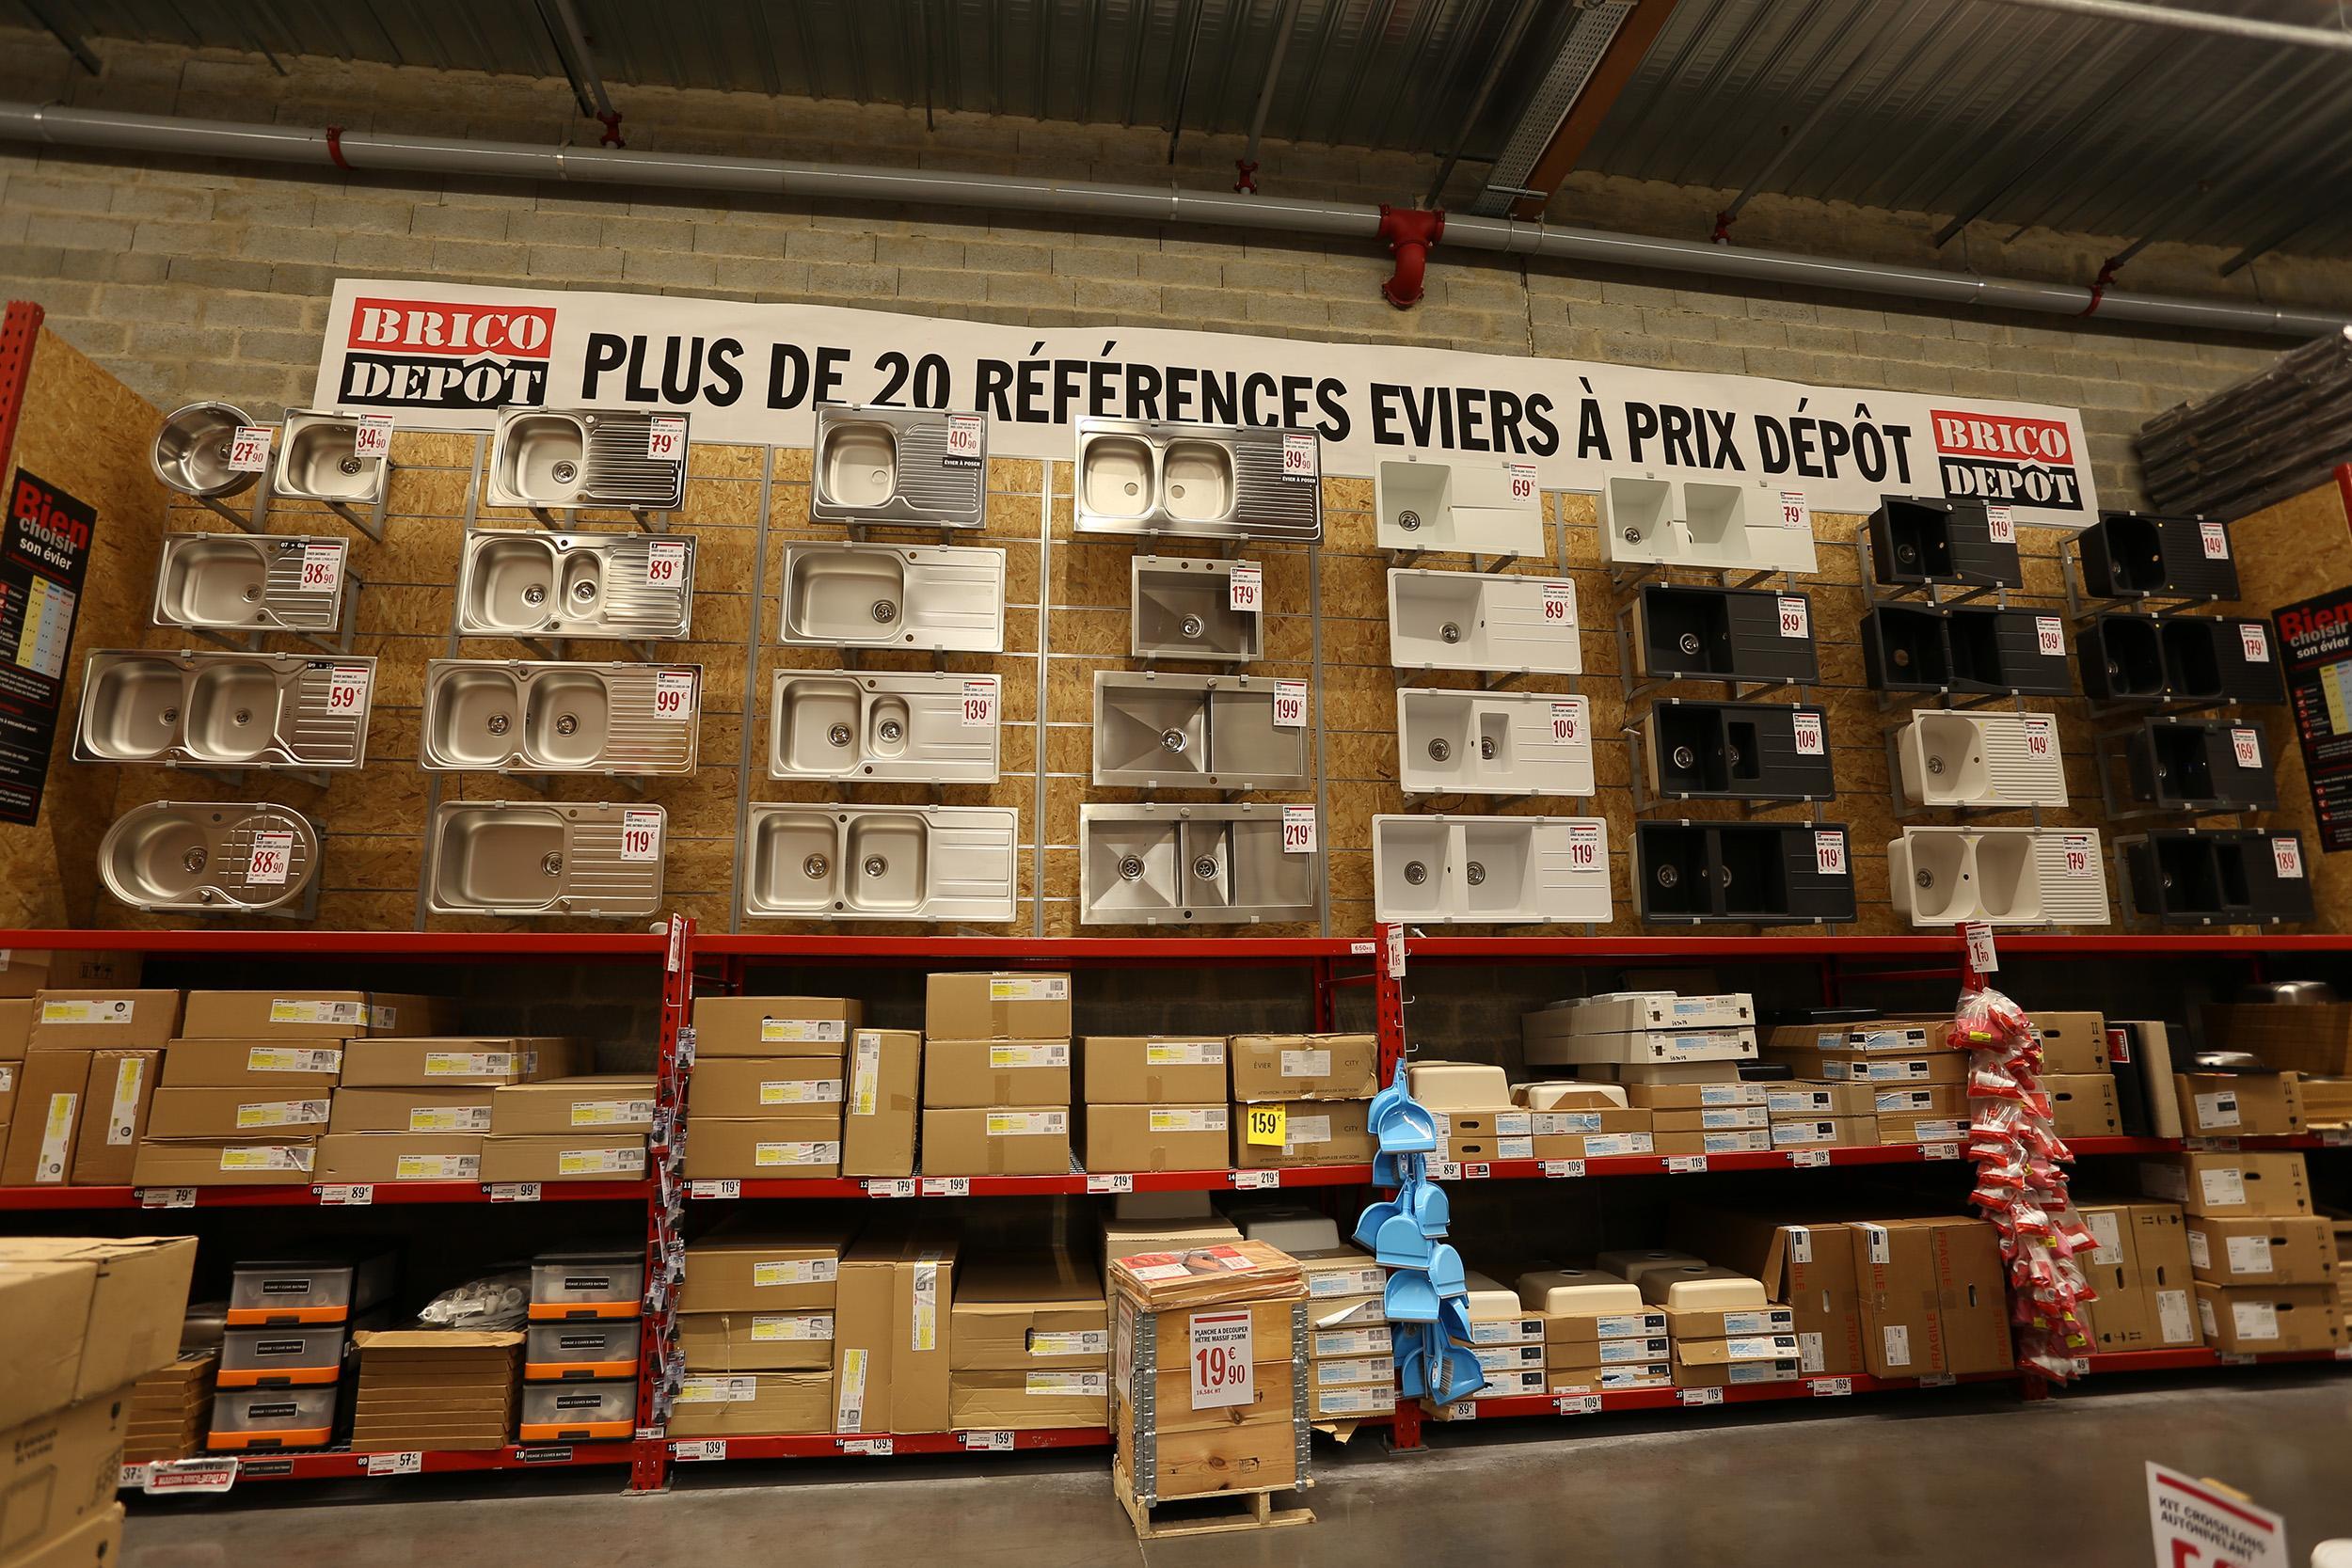 Nice Brico Depot Rennes Horaires #4: Brico Dépôt Cesson Sévigné : Brico Dépôt Cesson Sévigné